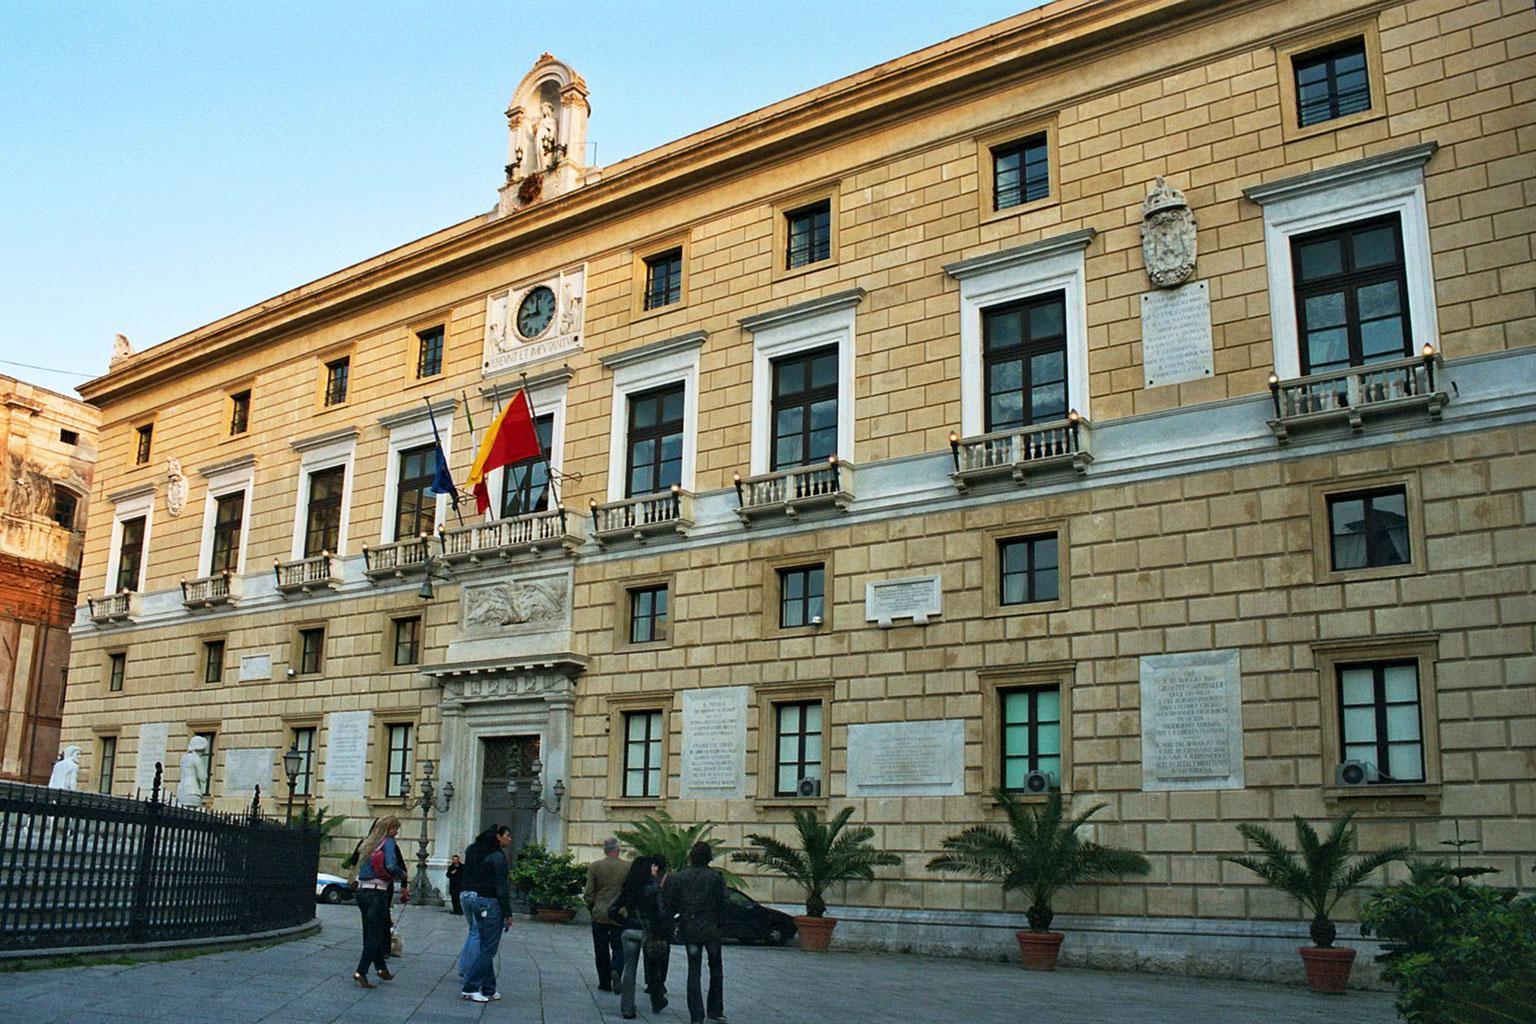 Ufficio Di Igiene Palermo : Governo della cittÁ u lions palermo dei vespri